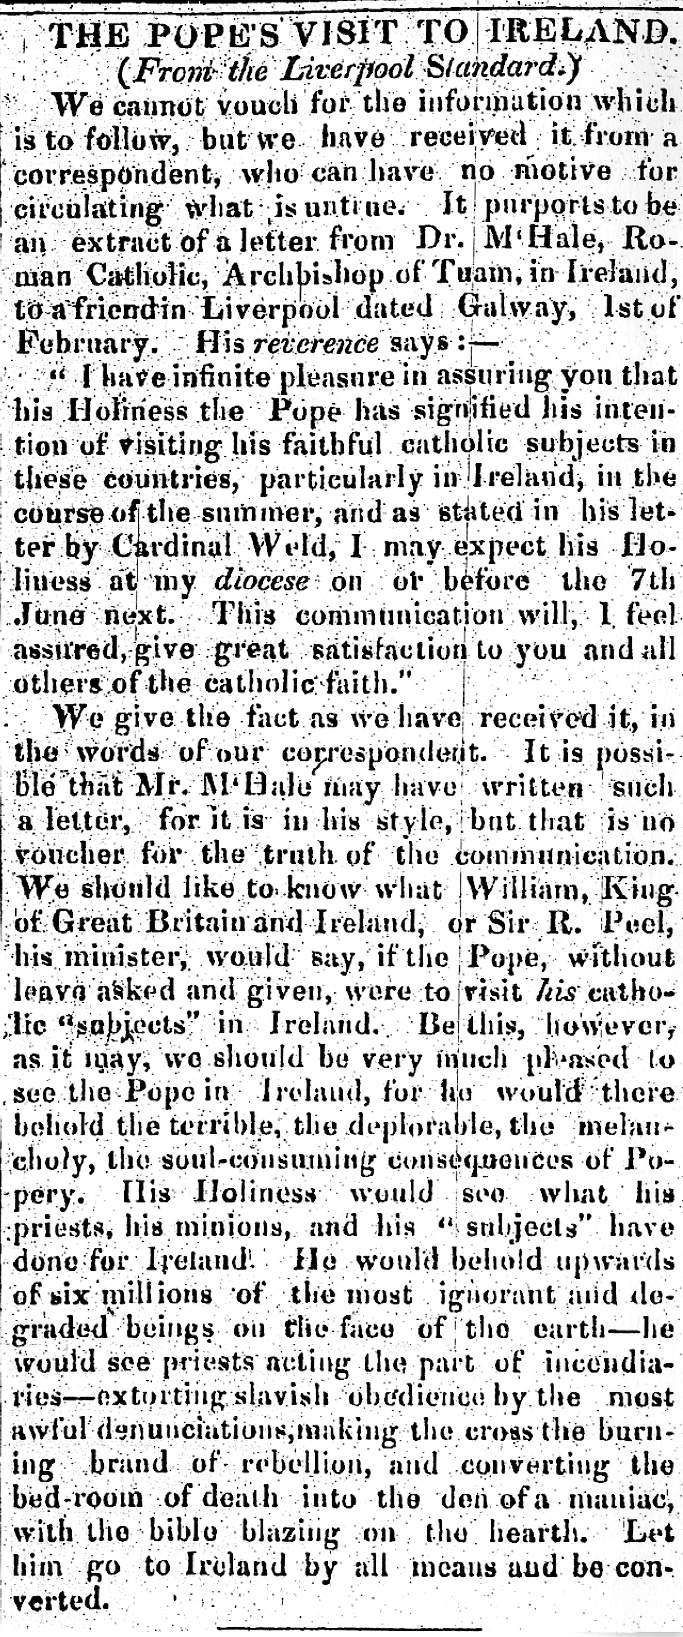 Clonmel Herald 14 Feb 1835